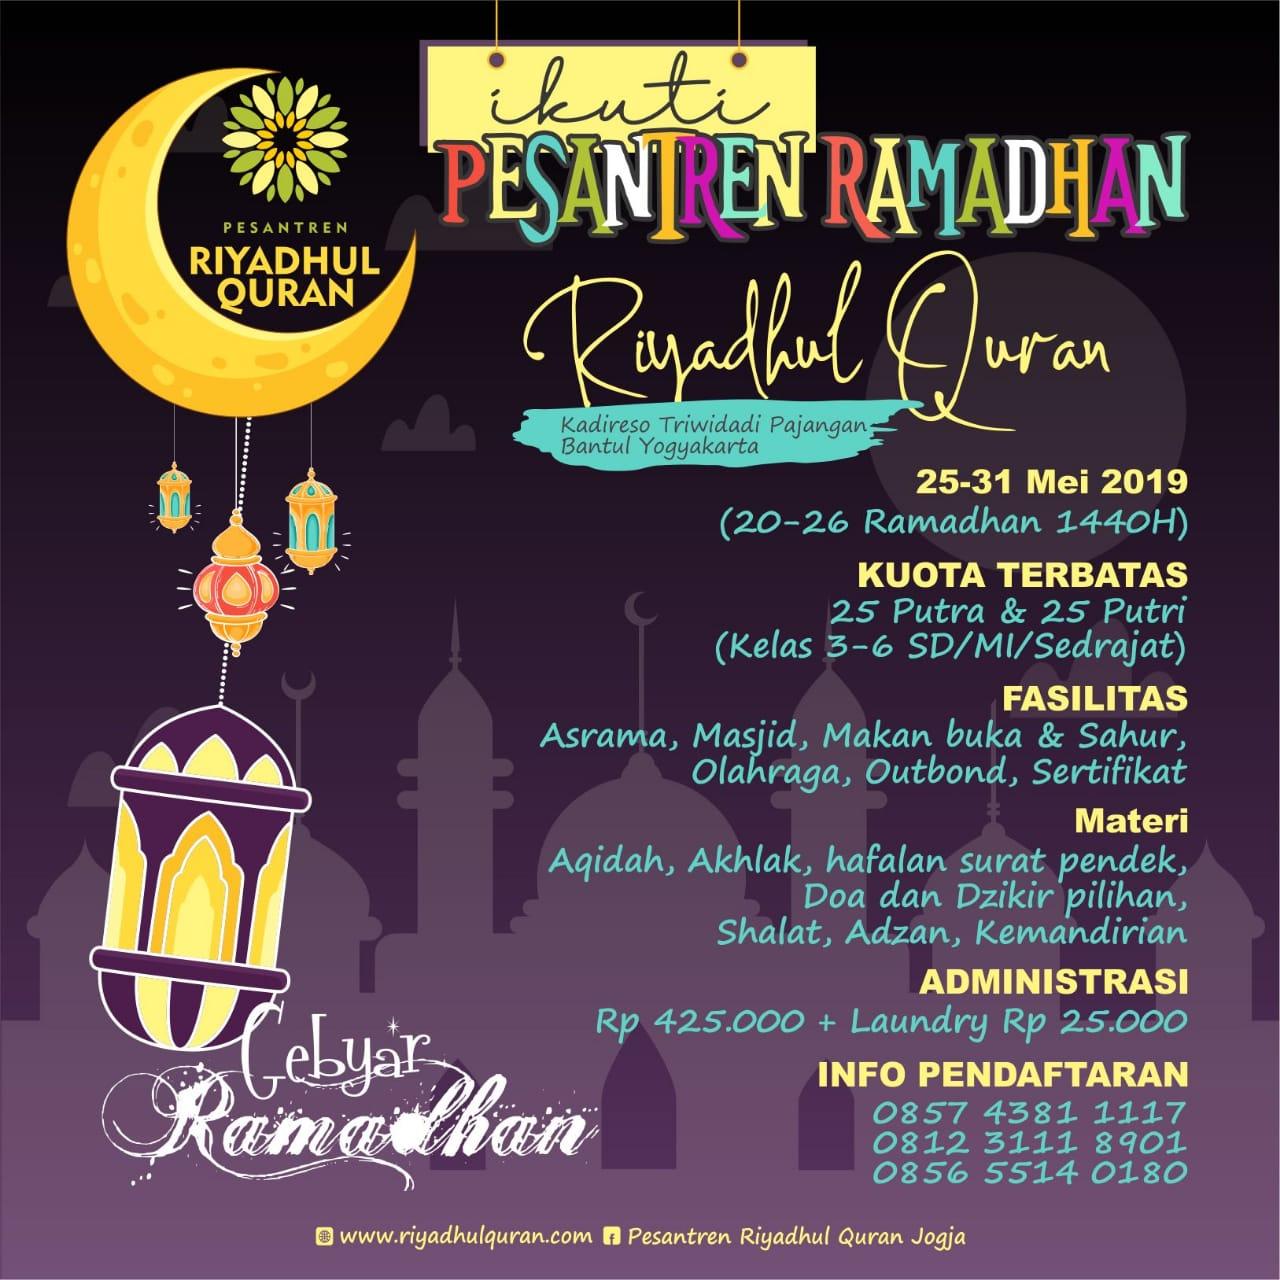 Pesantren Kilat Ramadhan – Pesantren Riyadhul Quran